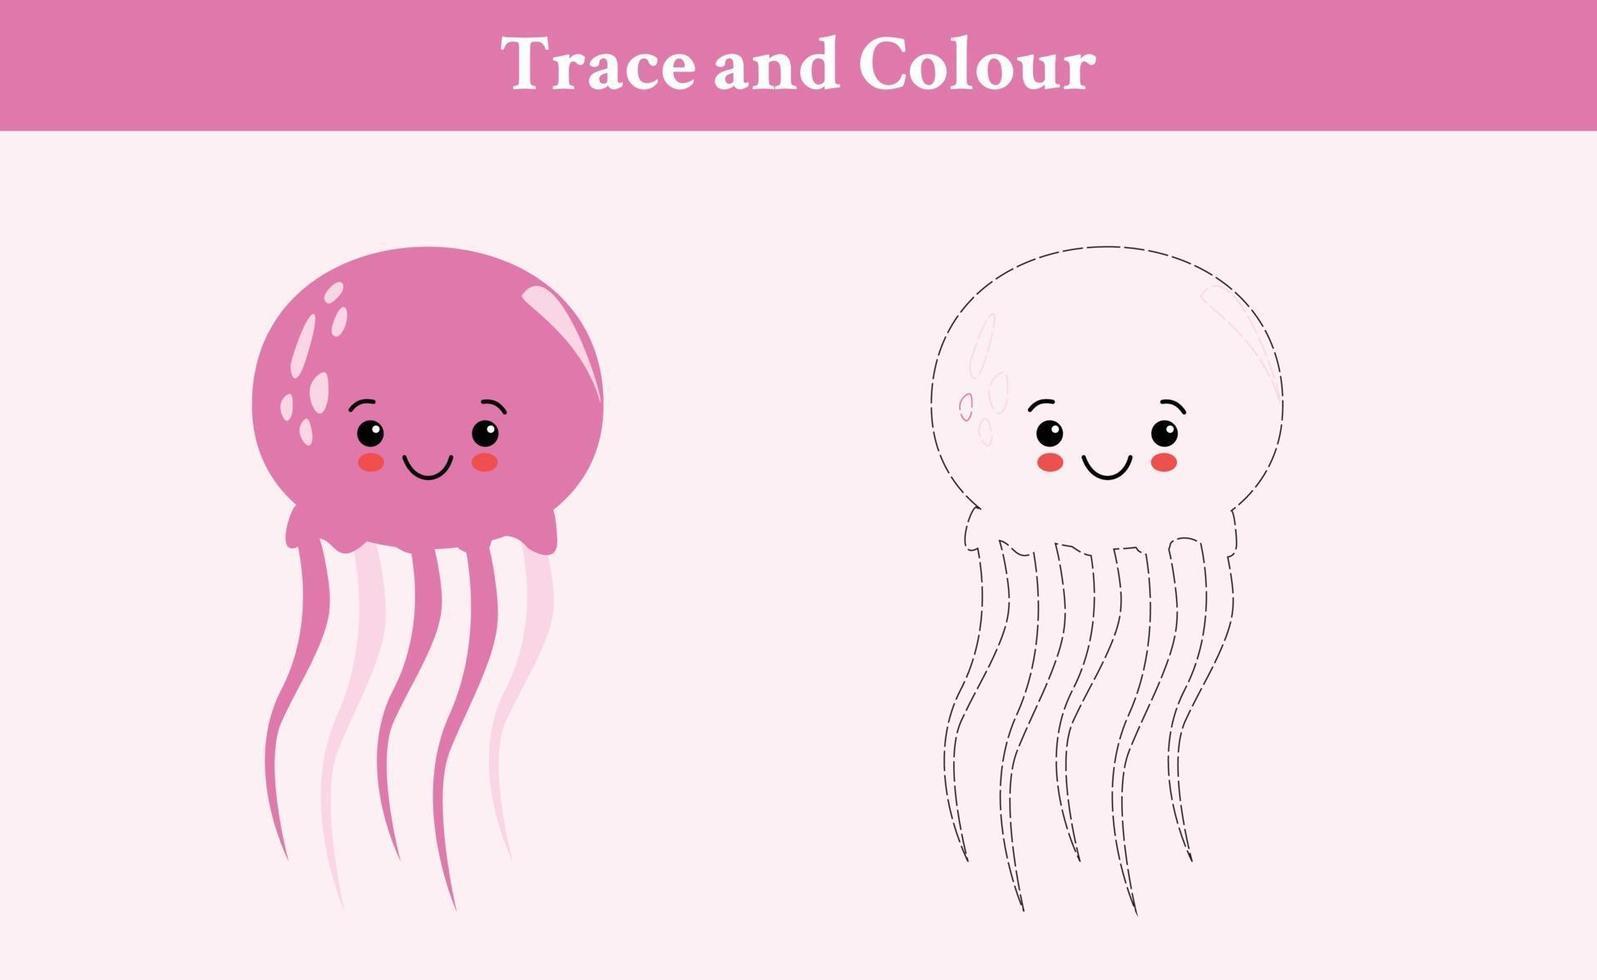 vetor livre de traços e cores de água-viva